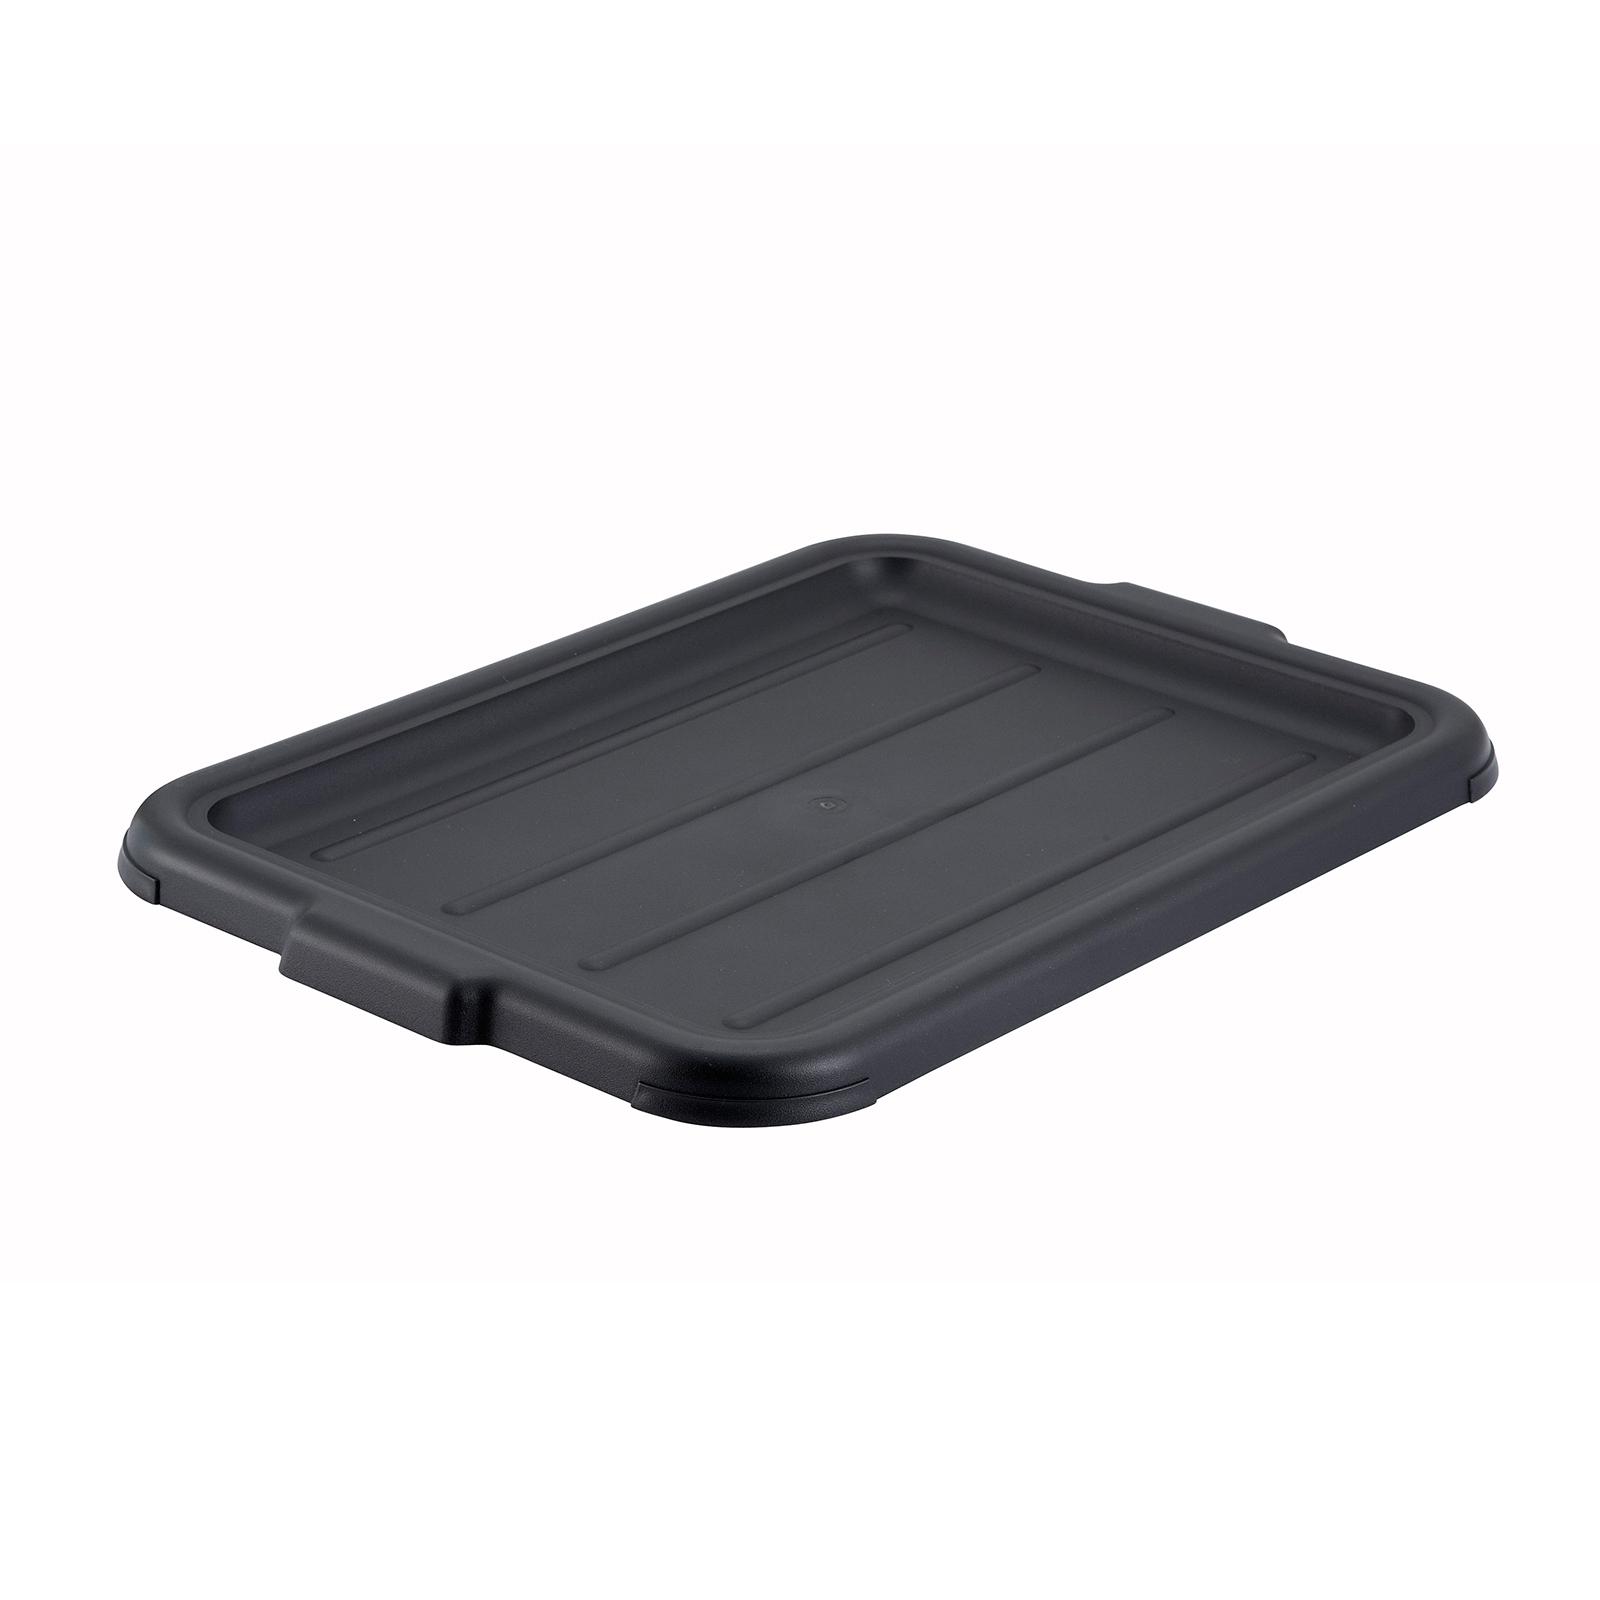 2950-43 Winco PL-57K bus box / tub cover